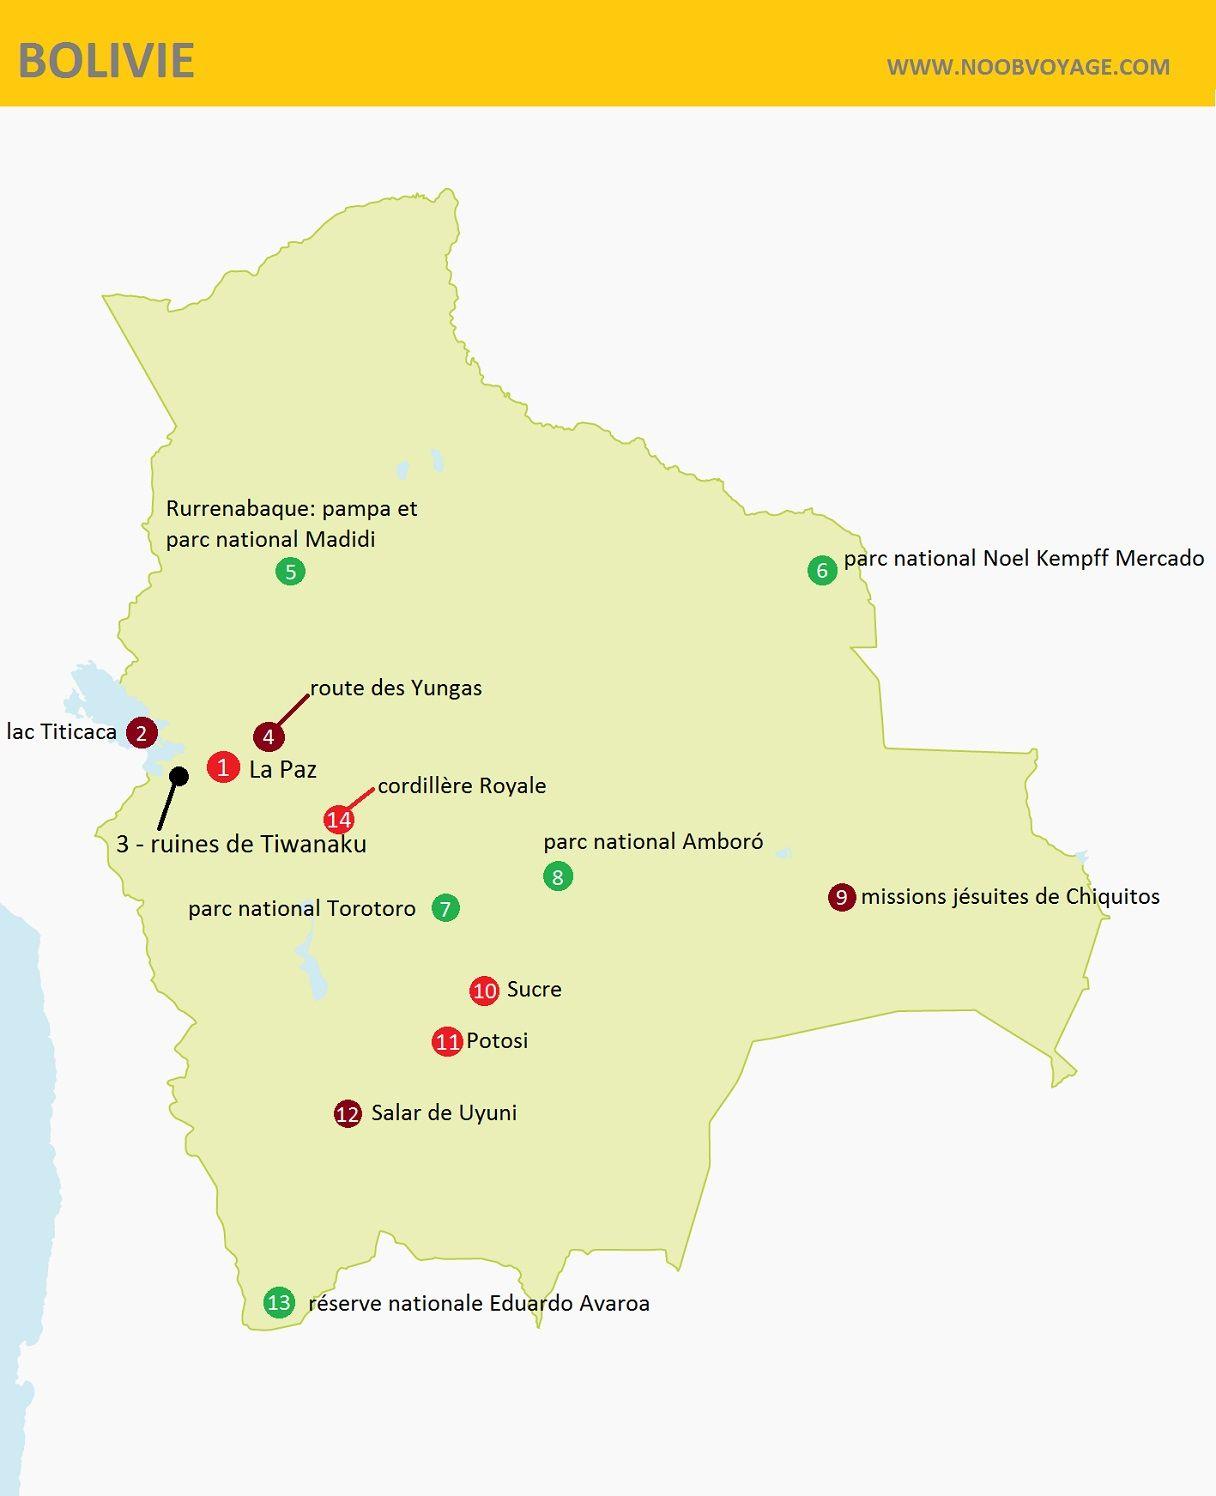 Trek Amerique Du Sud Carte.Bolivie Carte Detaillee Touristique Amerique Du Sud En